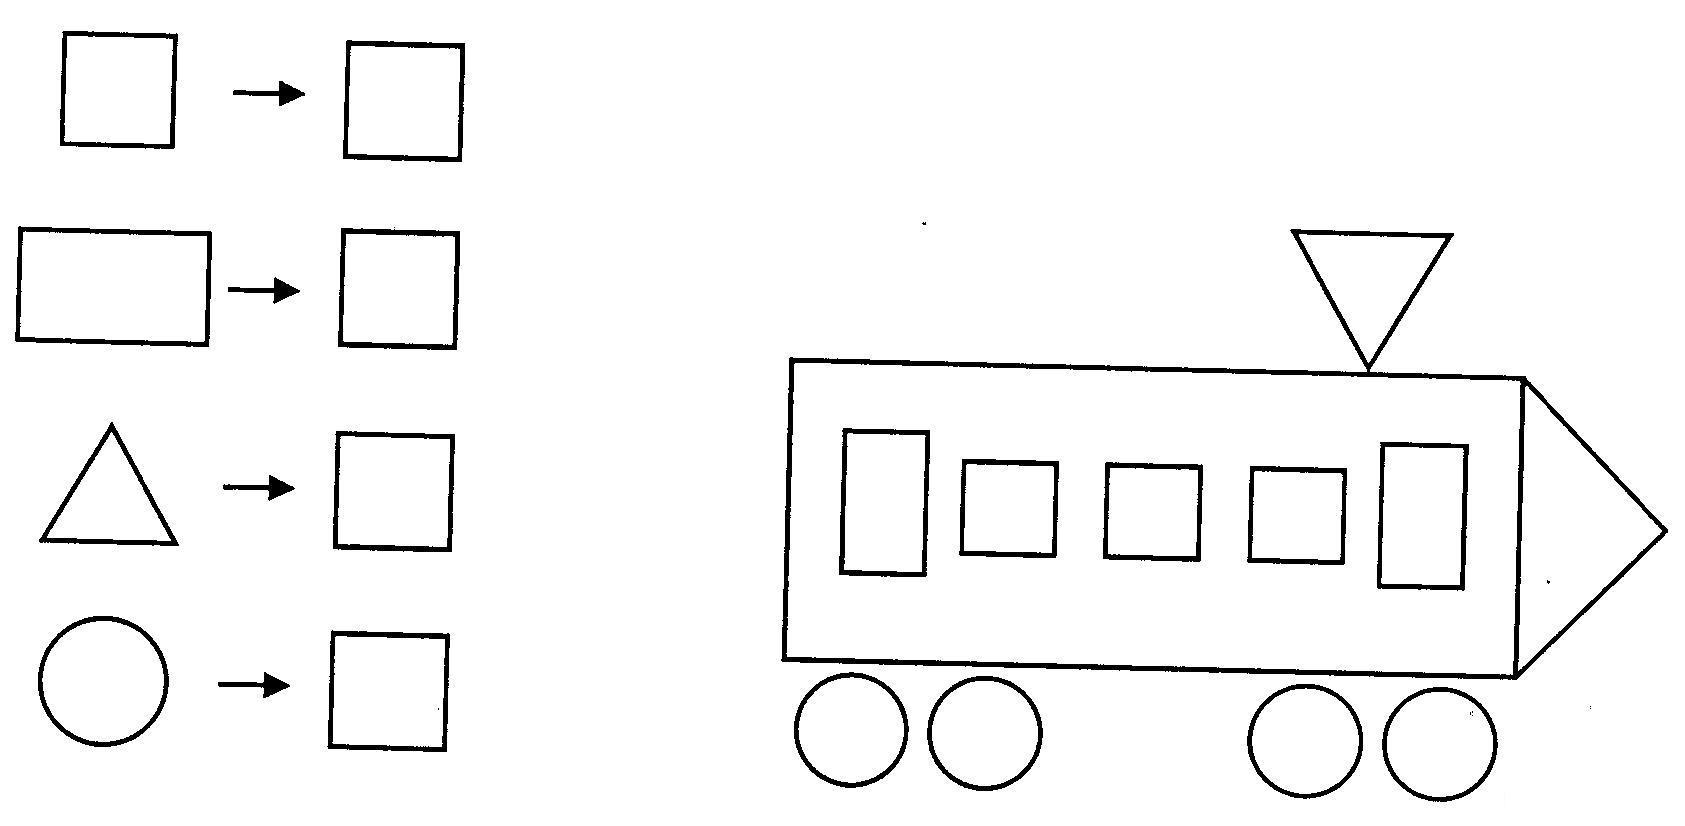 Раскраски фигуры раскраска с геометрическими фигурами квадрат прямоугольник треугольник круг по цветам